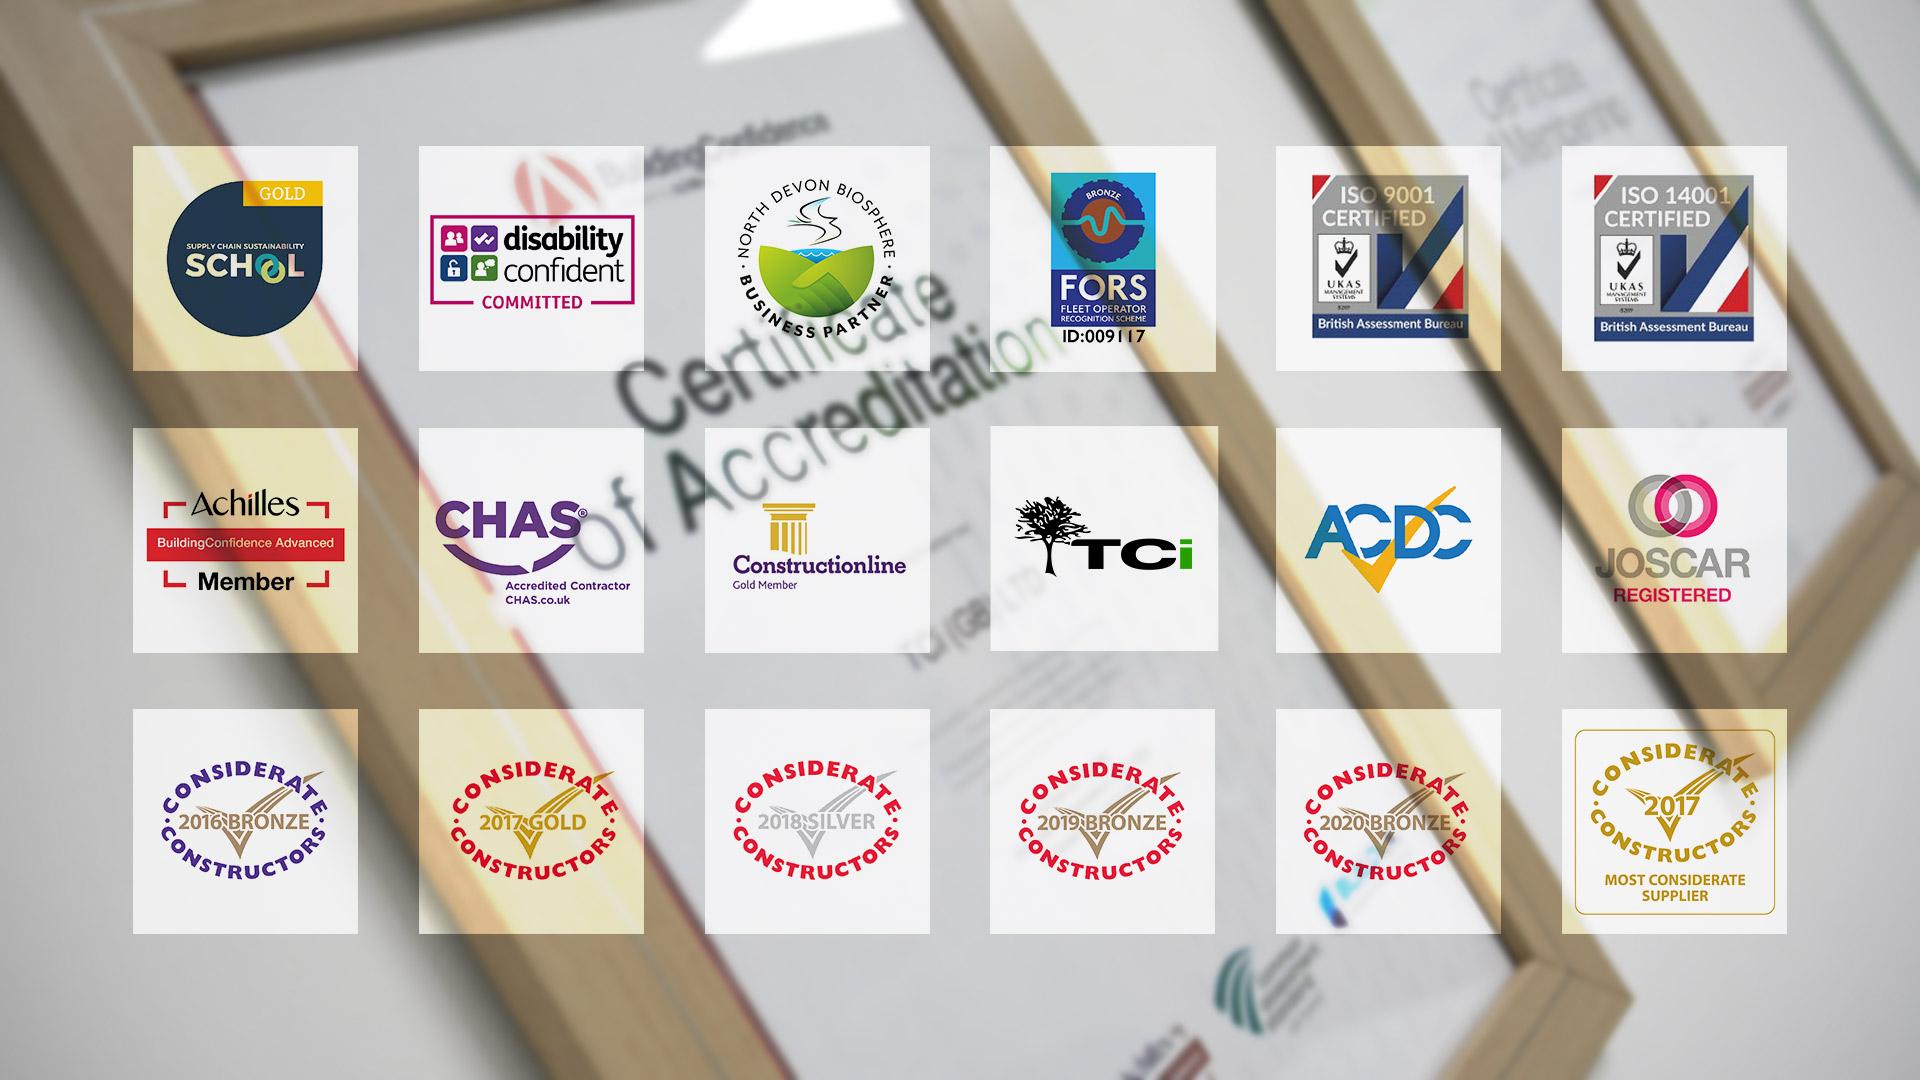 TCi (GB) Ltd